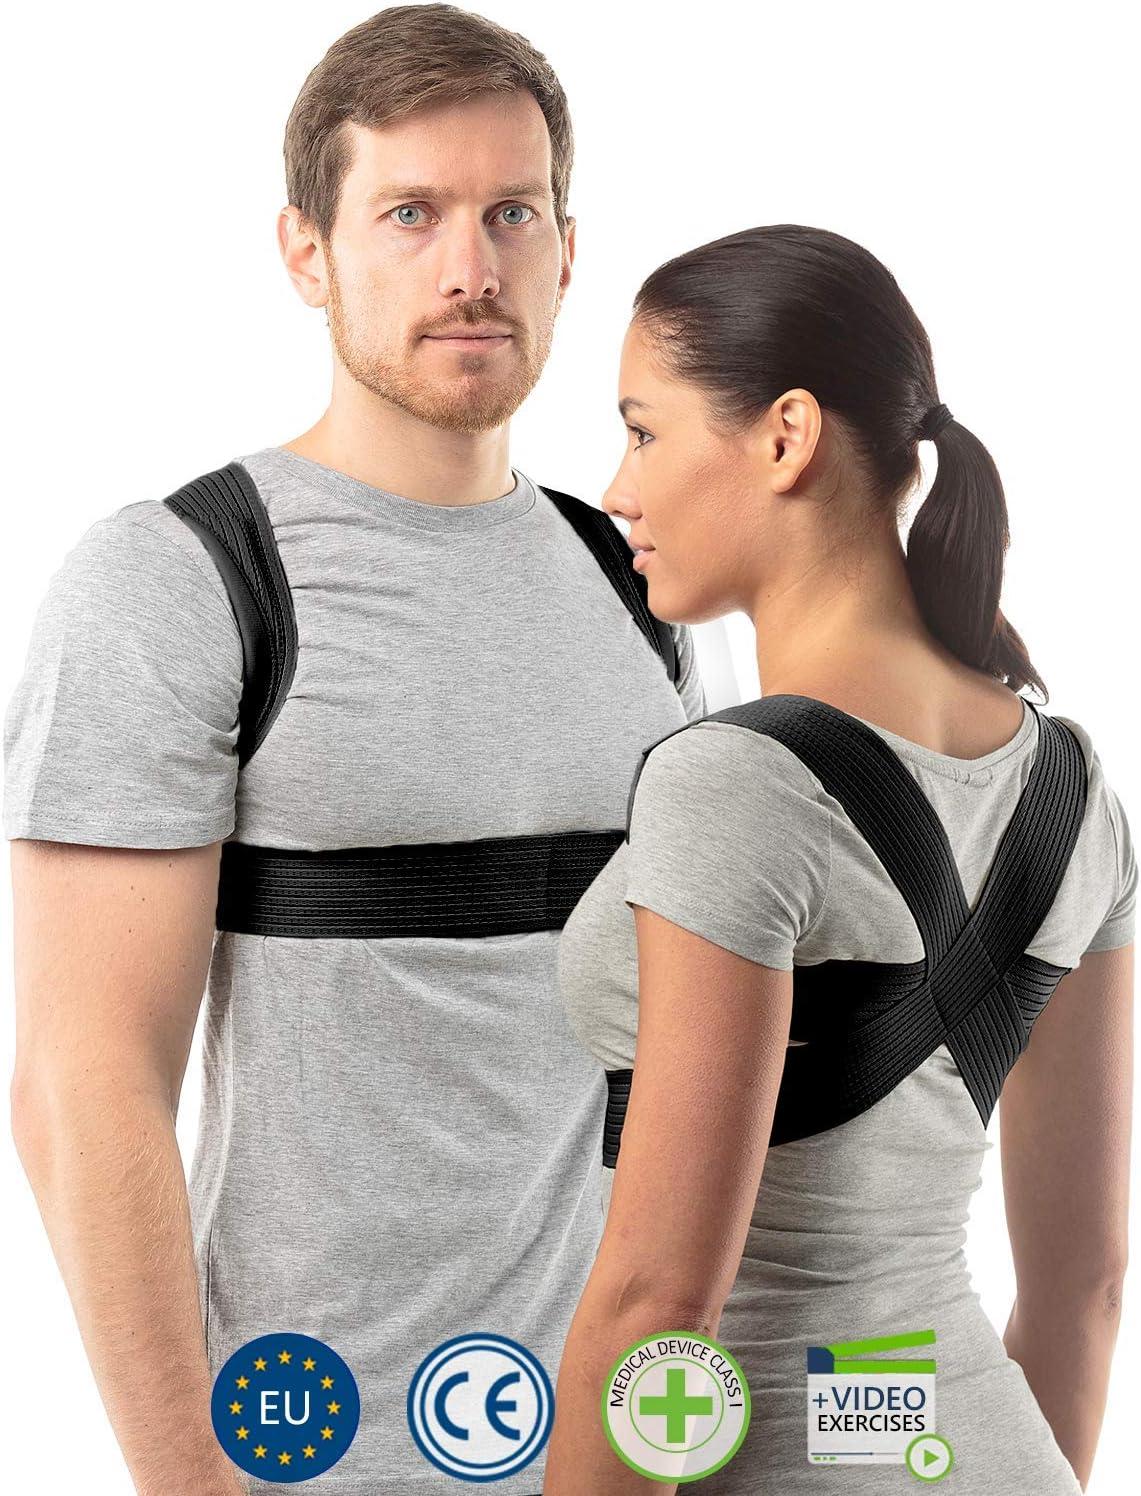 aHeal Corrector de Postura para Hombre y Mujer | Soporte para Corregir la Postura | Corsé Ortopédico para Escoliosis Cifosis | Alivio del Dolor de Espalda y Corrector de Mala Postura | Talla 4 Negro